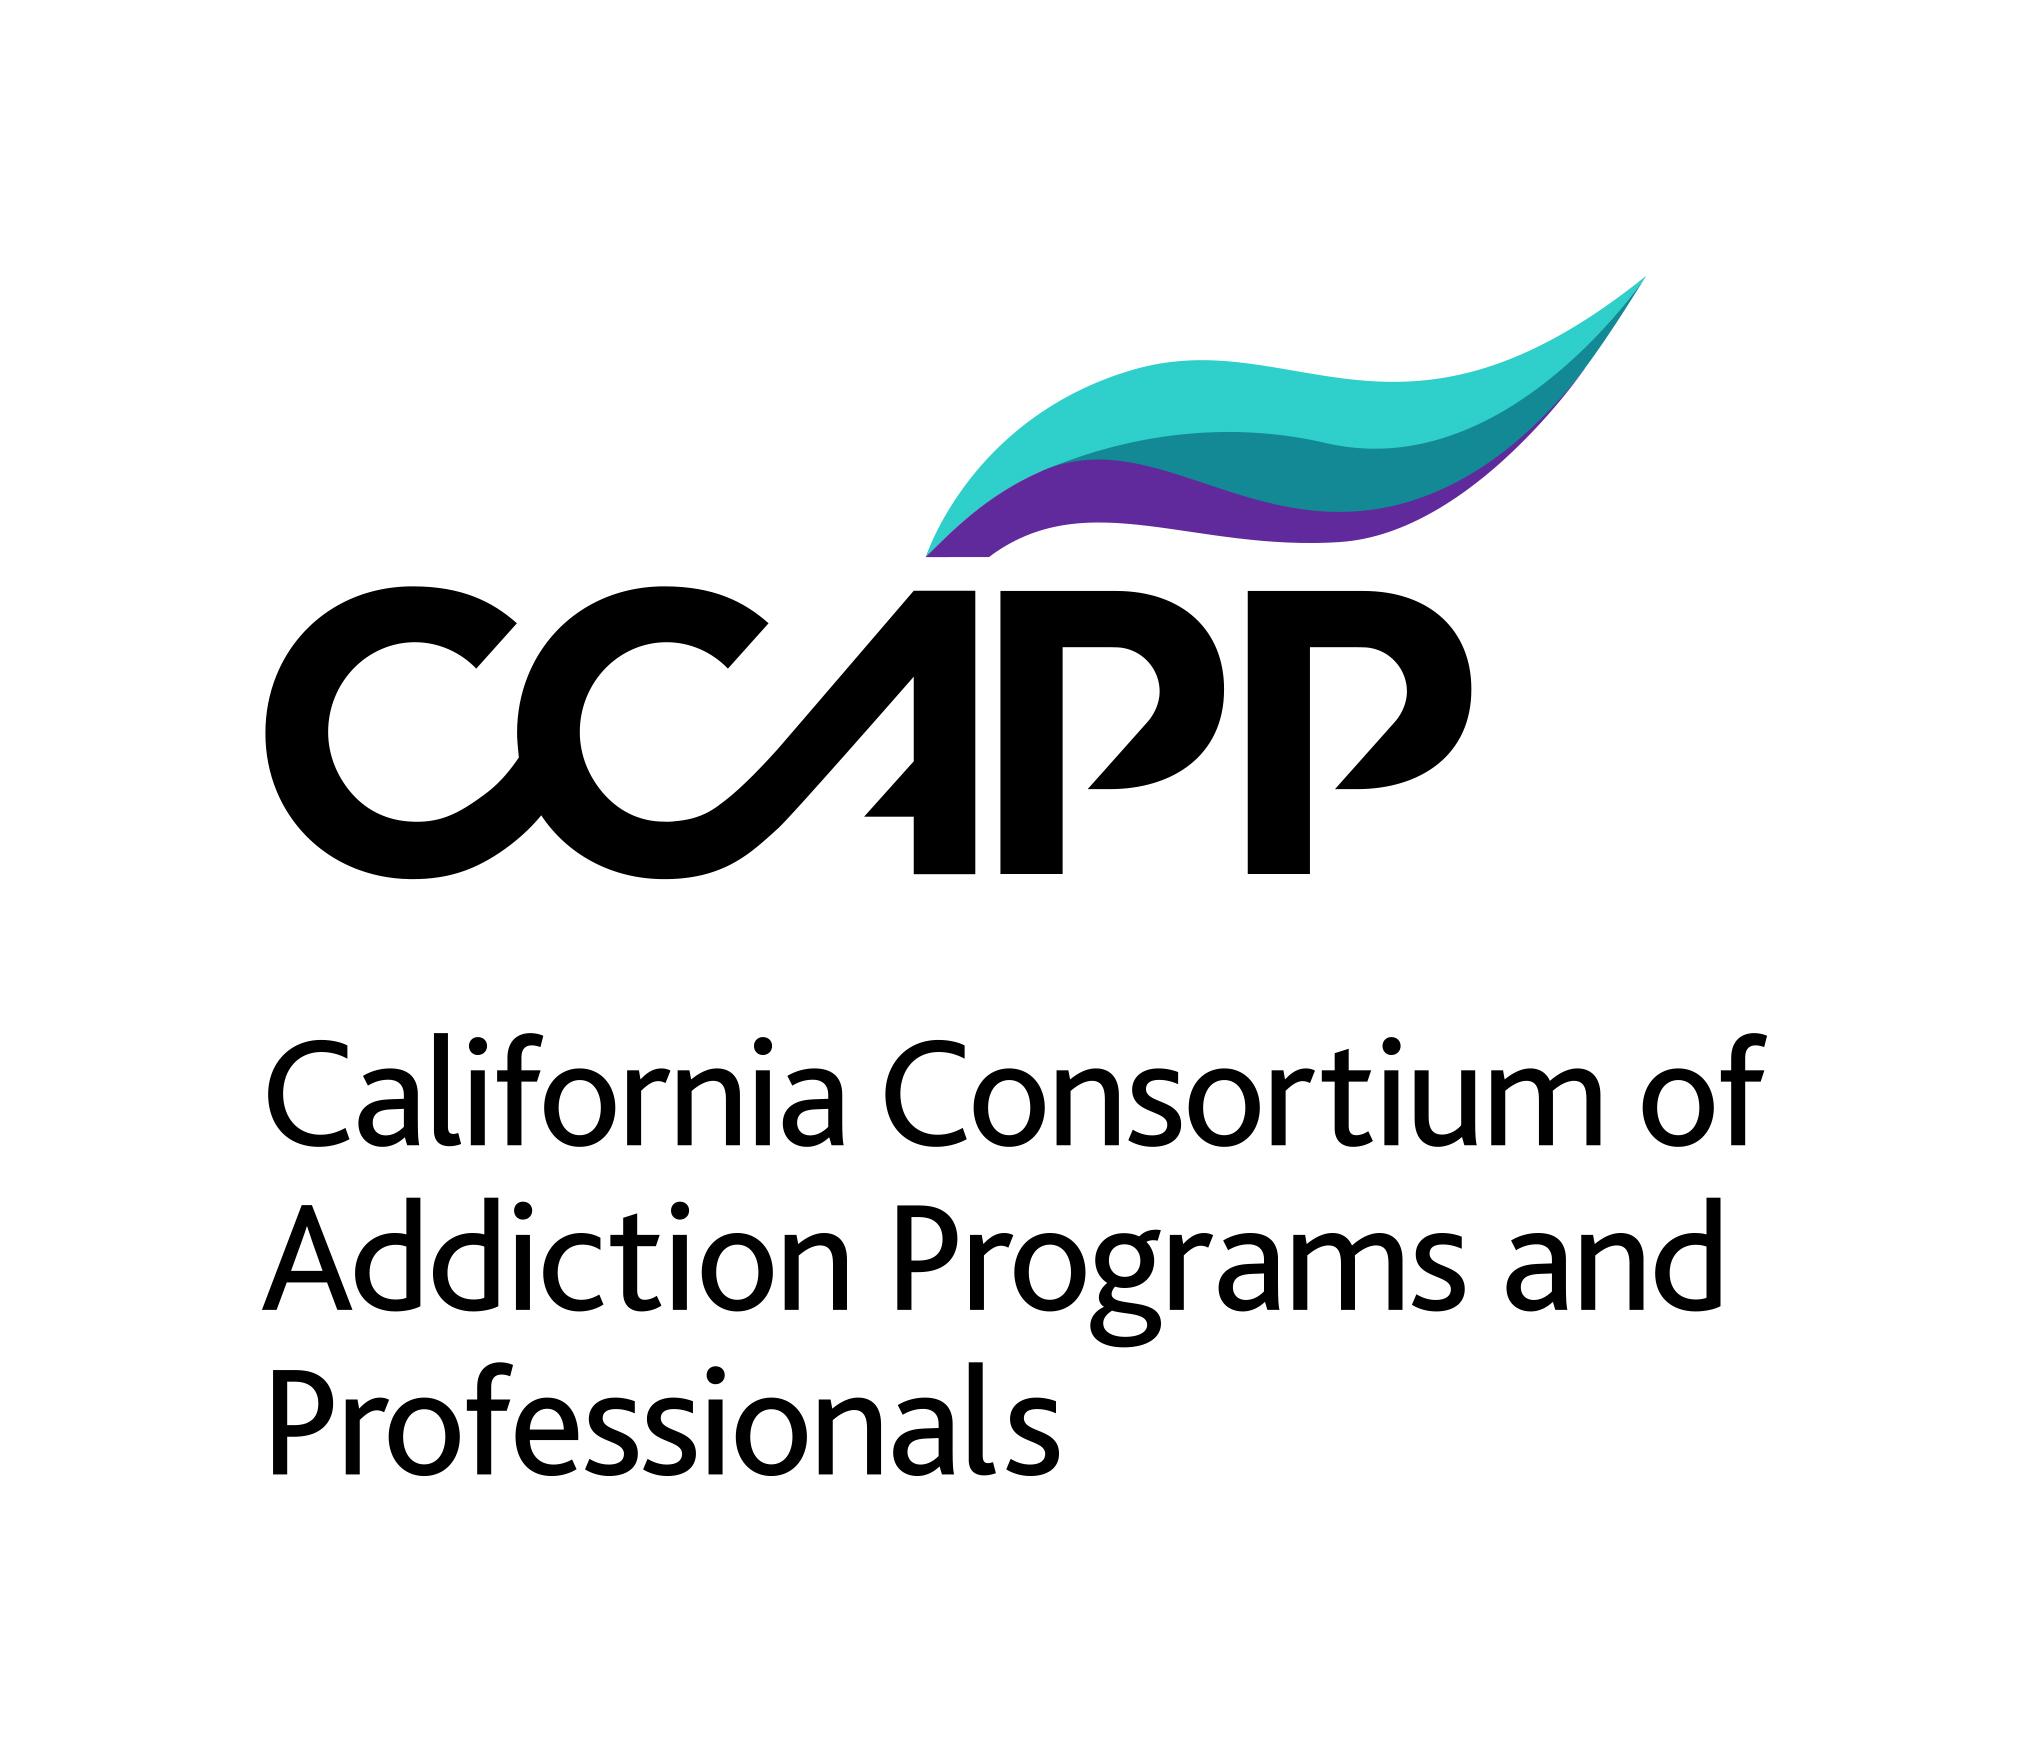 CCAPP